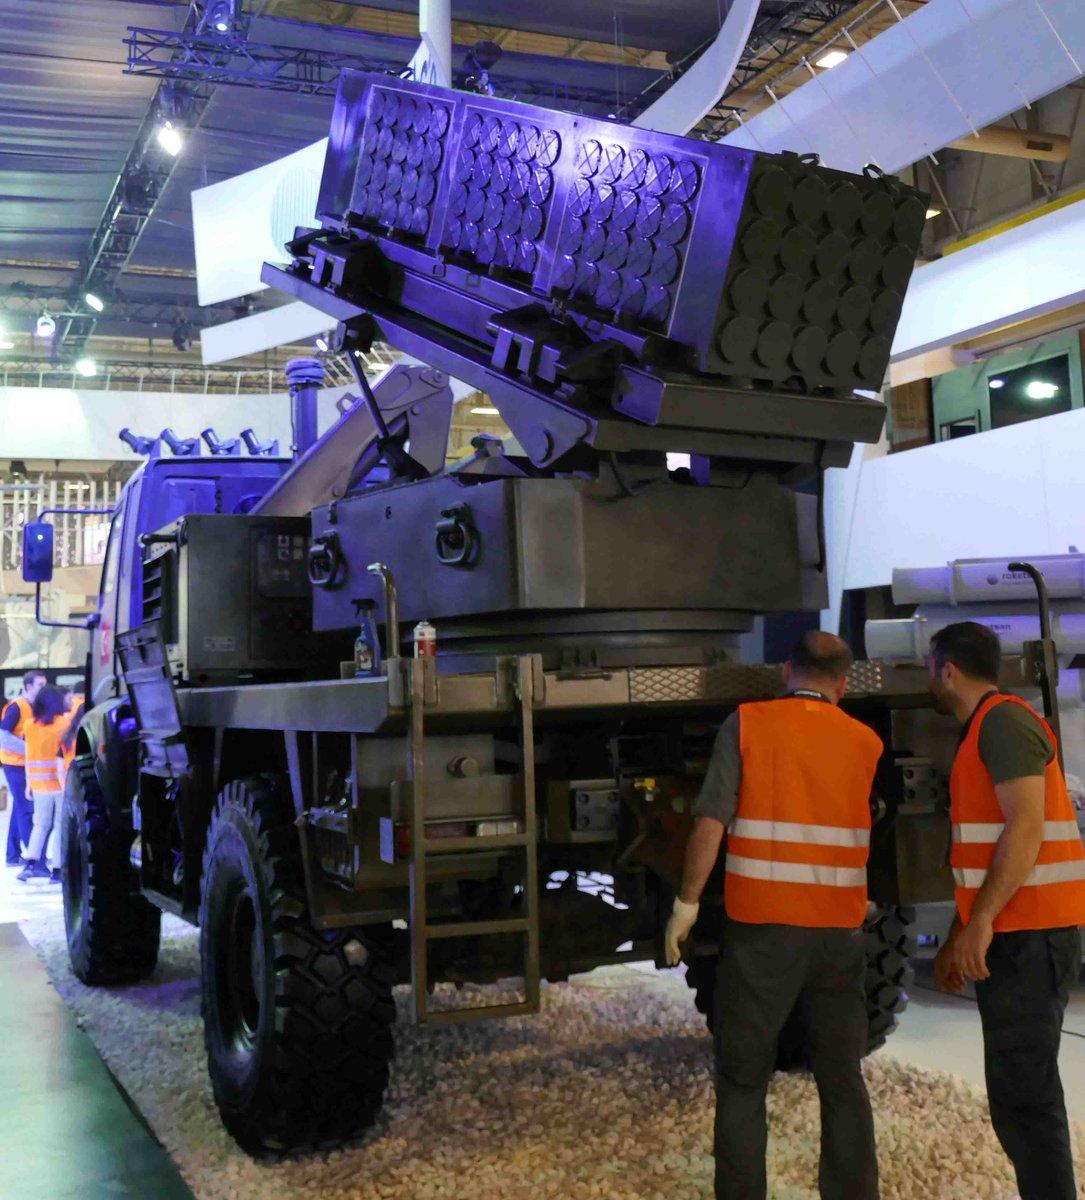 معرض الصناعات الدفاعية الدولي IDEF-17 ينطلق في إسطنبول.....تغطيه مصوره  C_TodEPW0AAd8fR